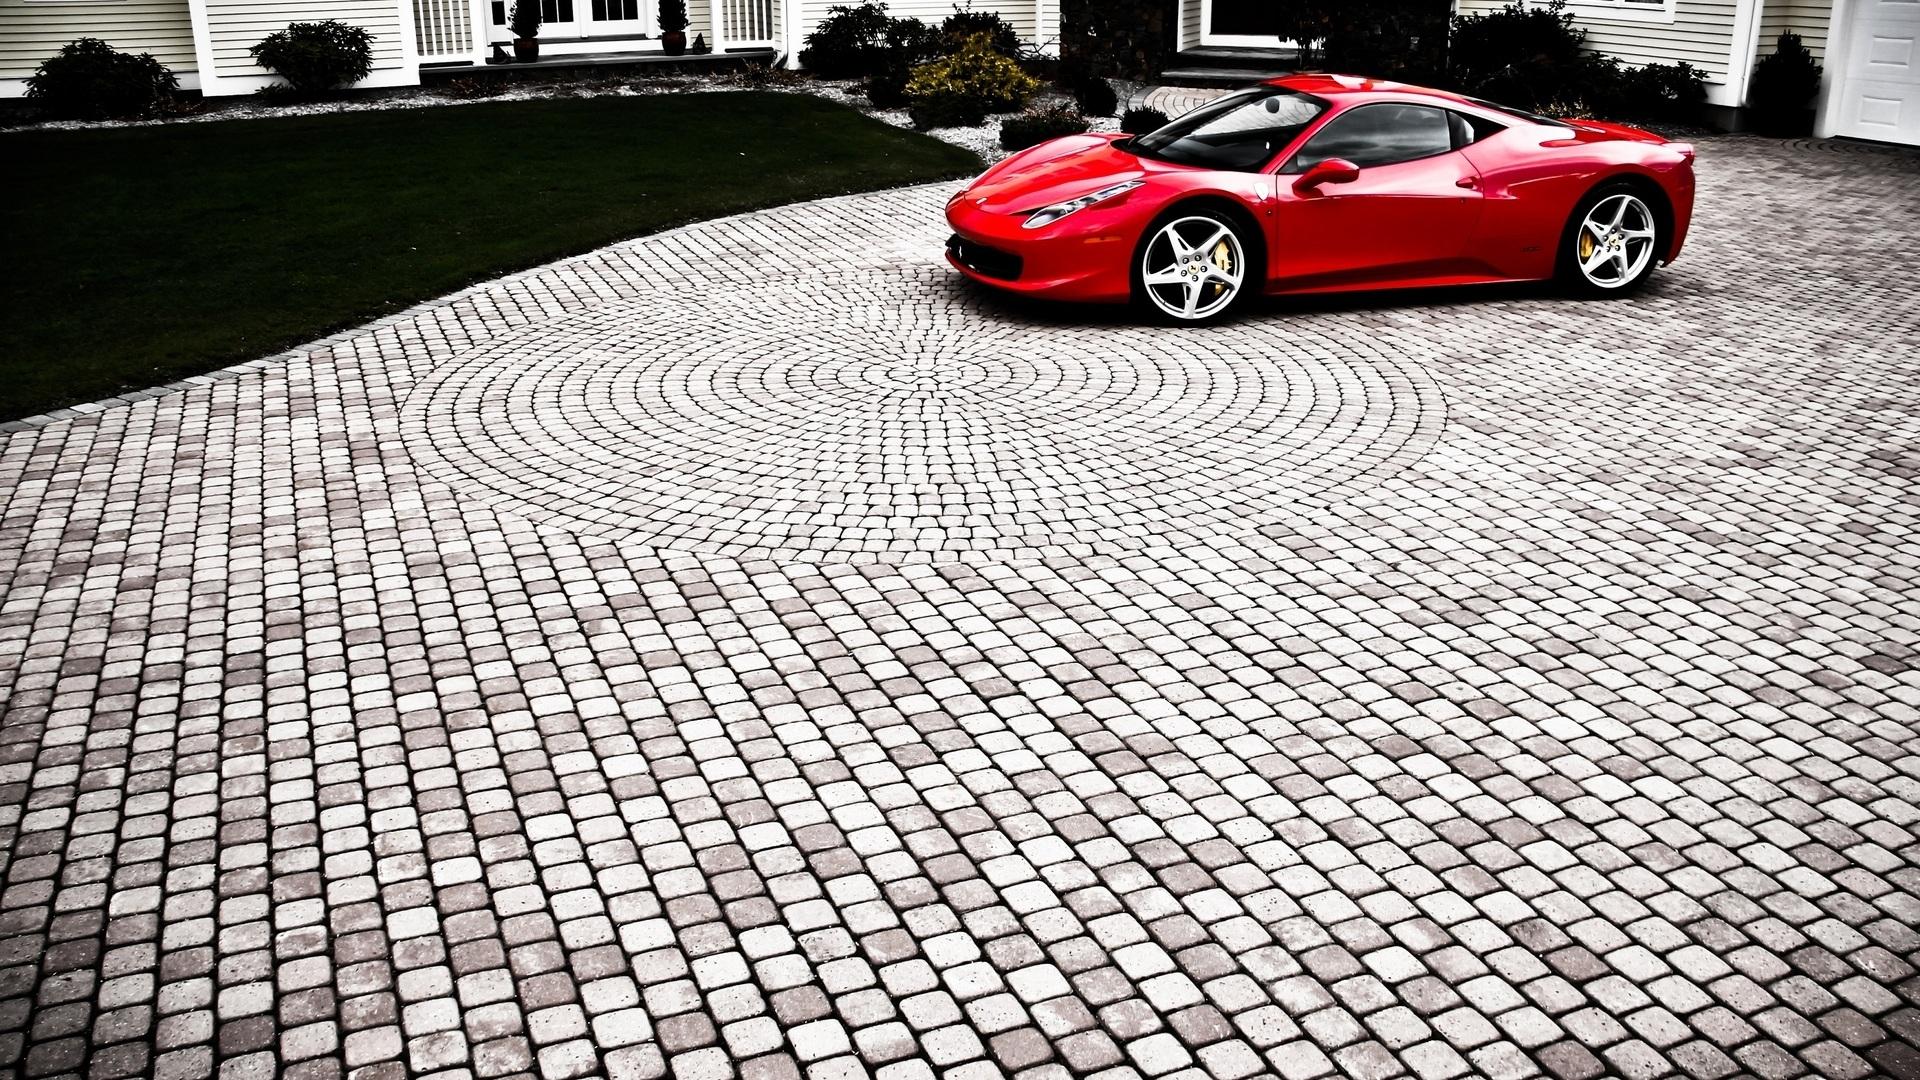 45913 скачать обои Транспорт, Машины, Феррари (Ferrari) - заставки и картинки бесплатно